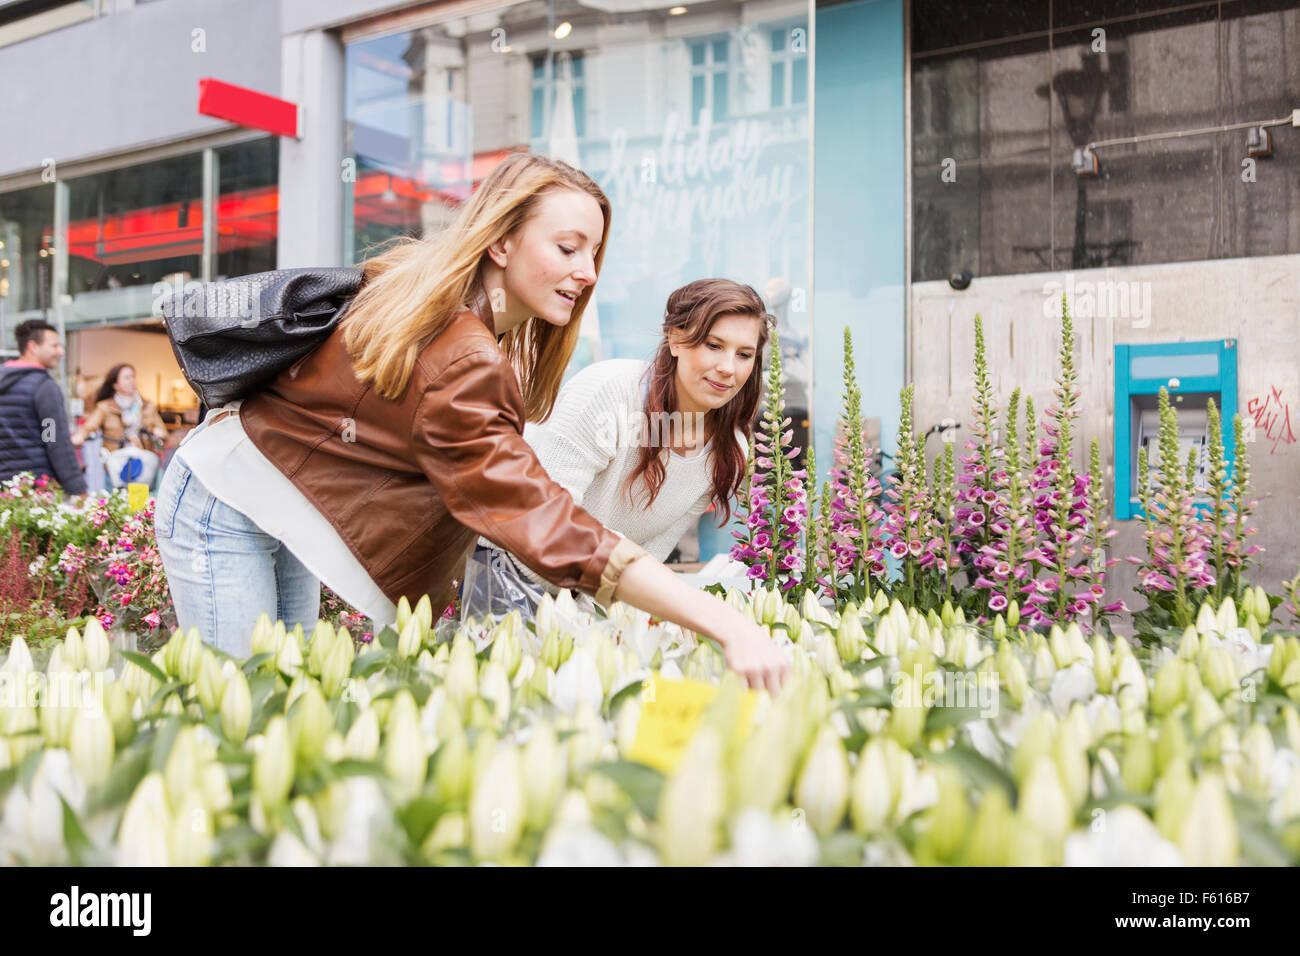 Freundinnen Blumen am Markt einkaufen Stockbild